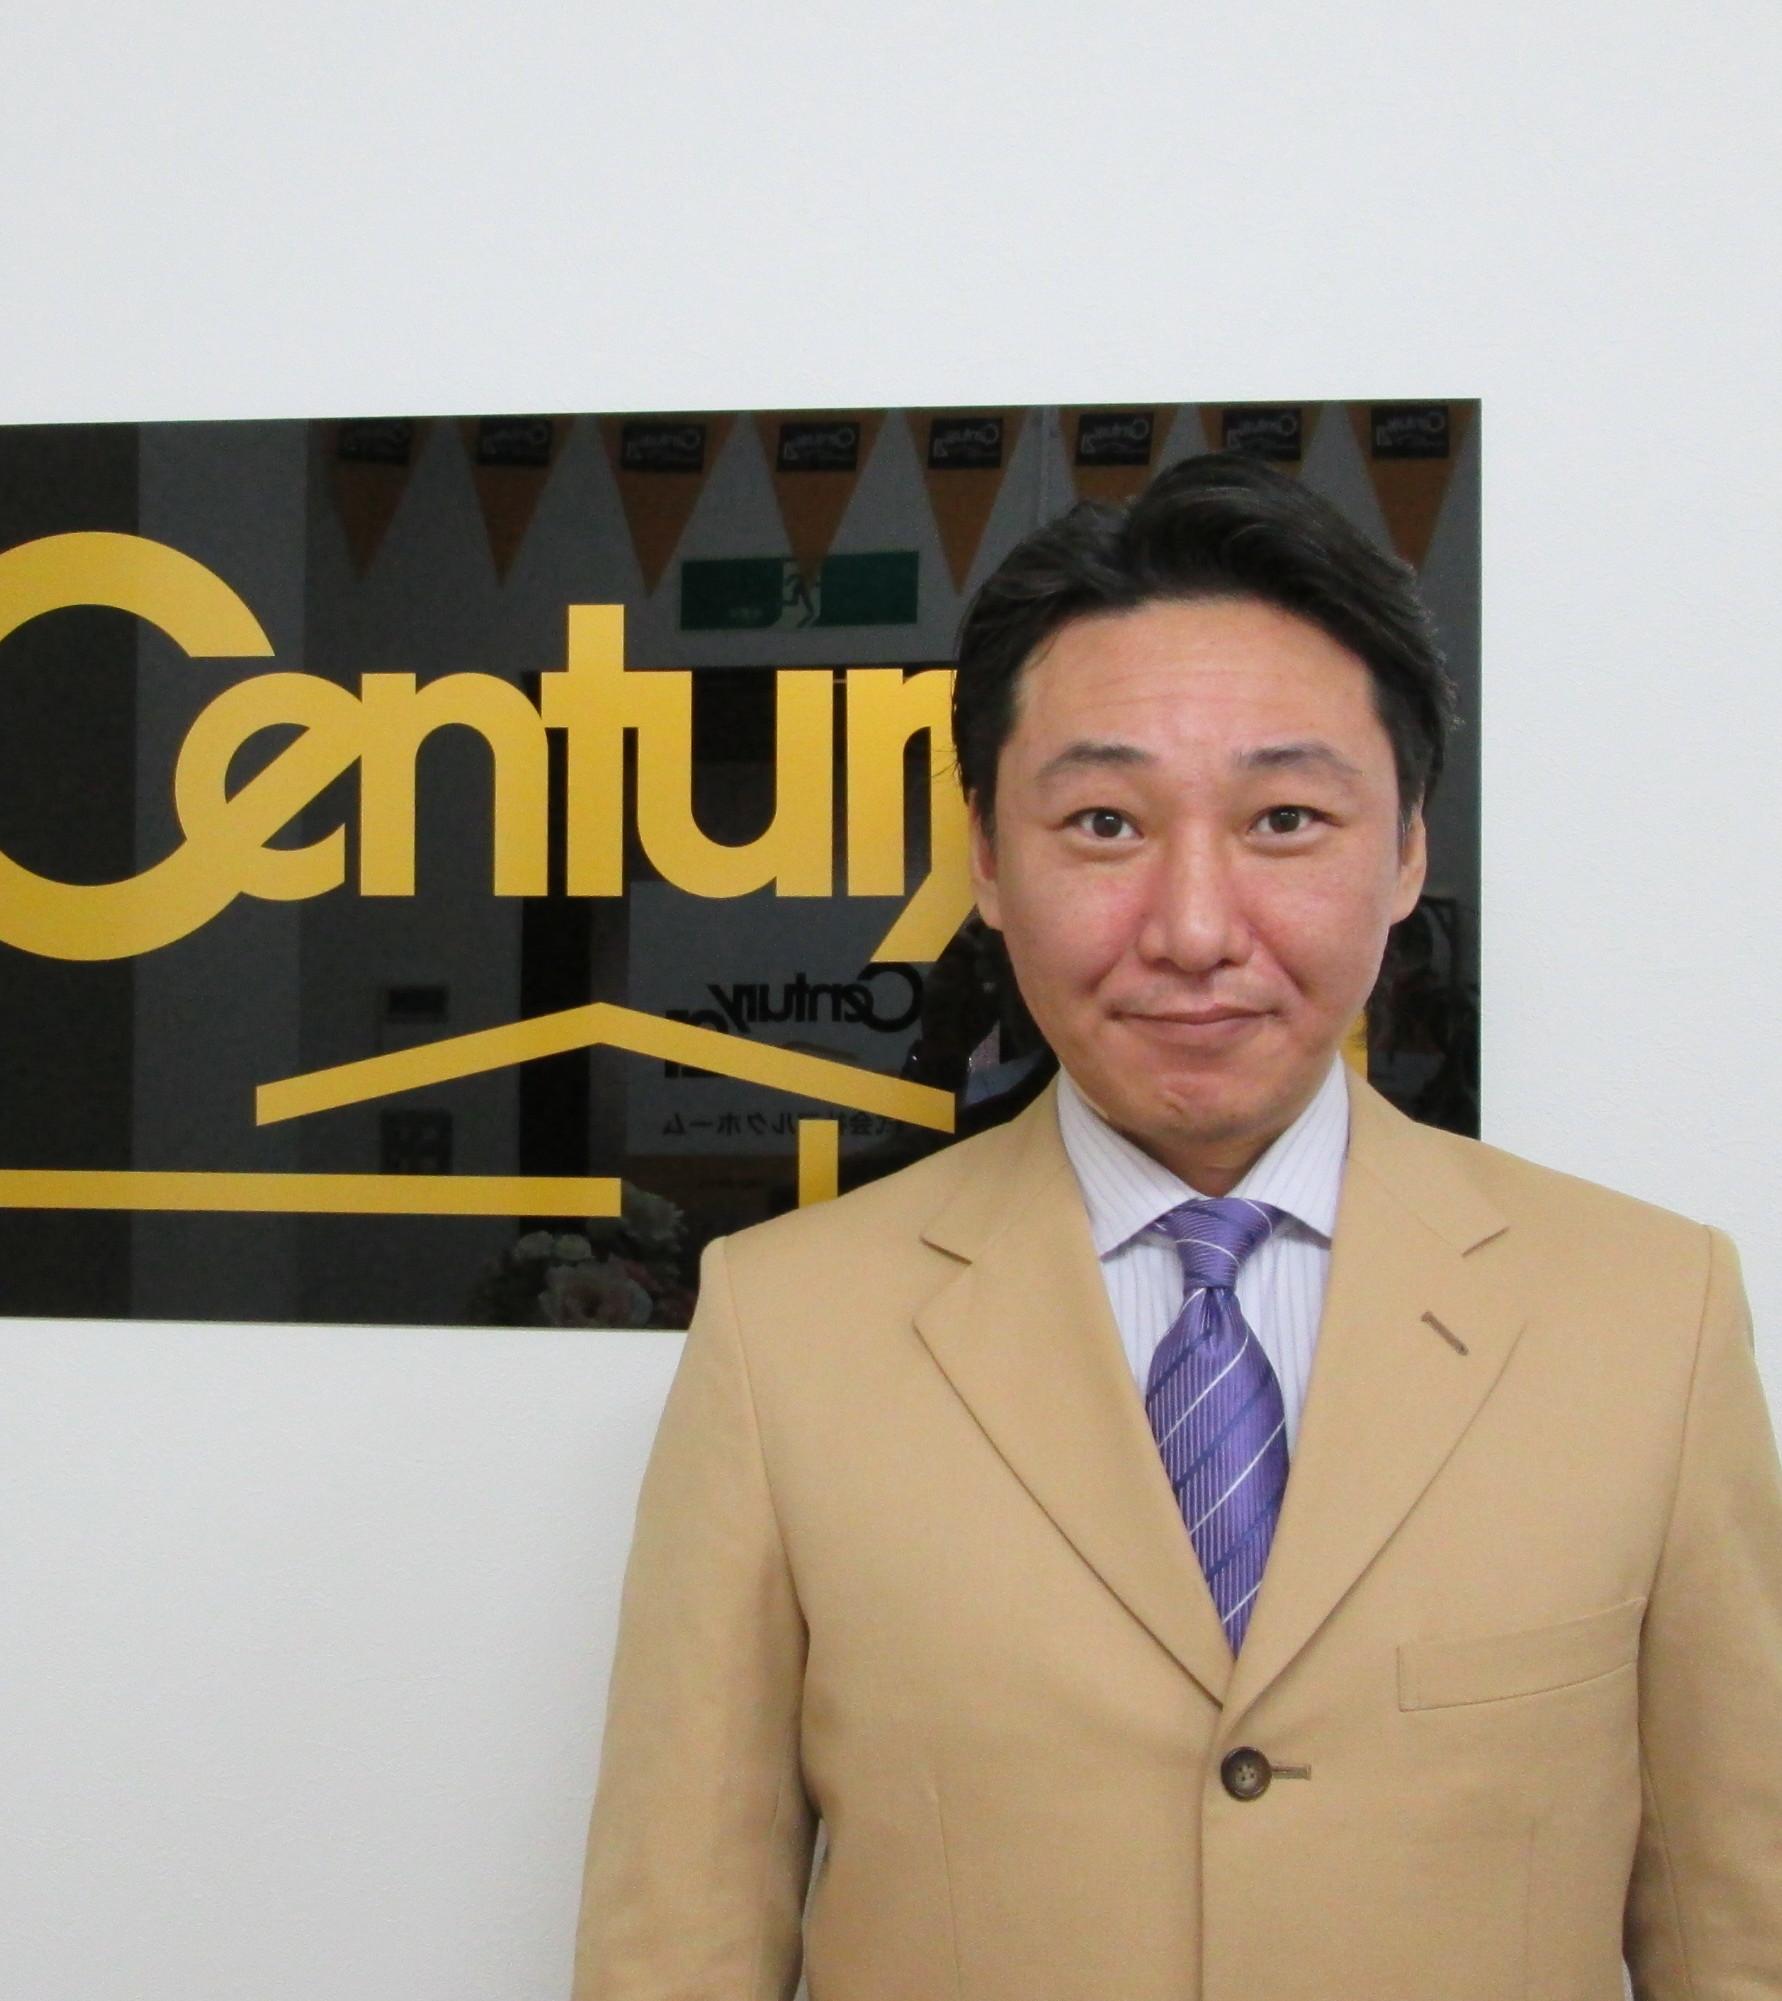 センチュリー21アルクホーム大友 博晃の写真